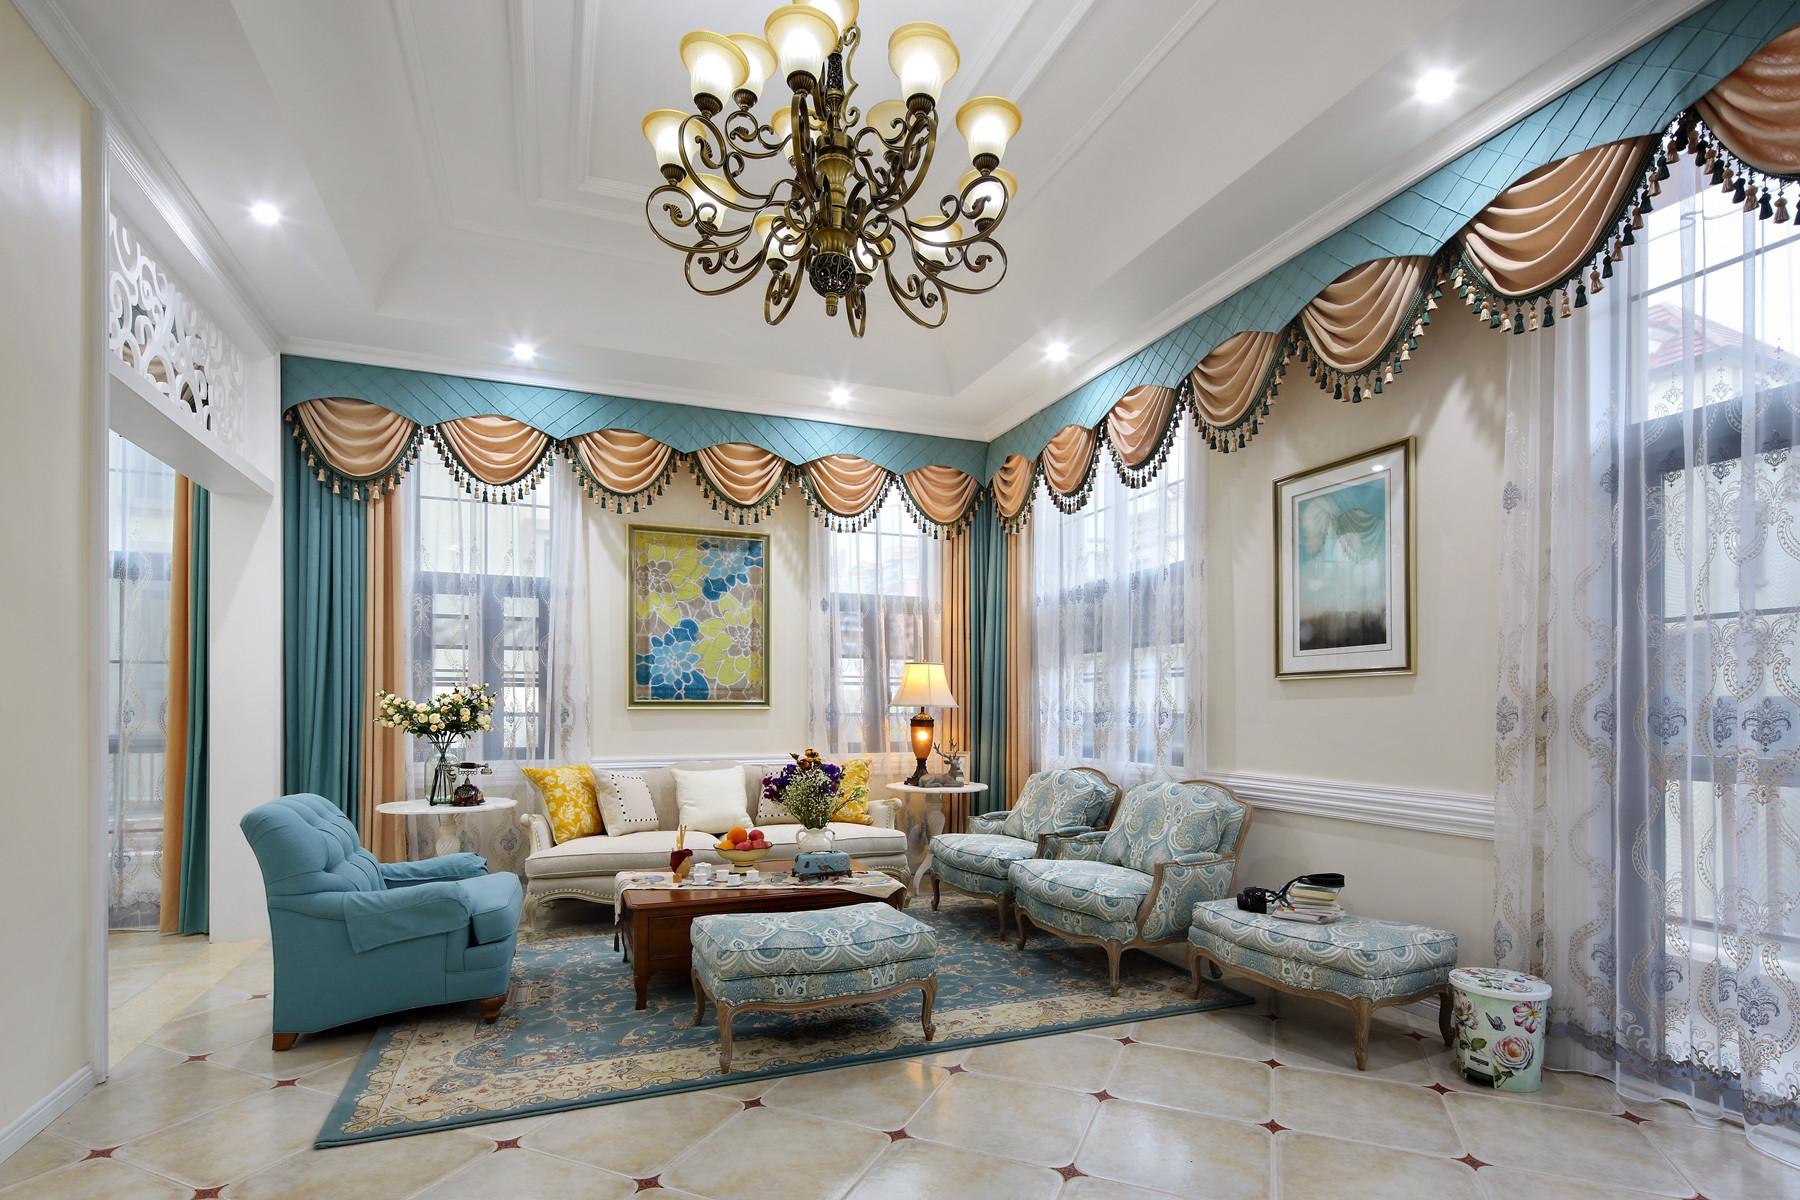 美式别墅装修沙发窗帘图片